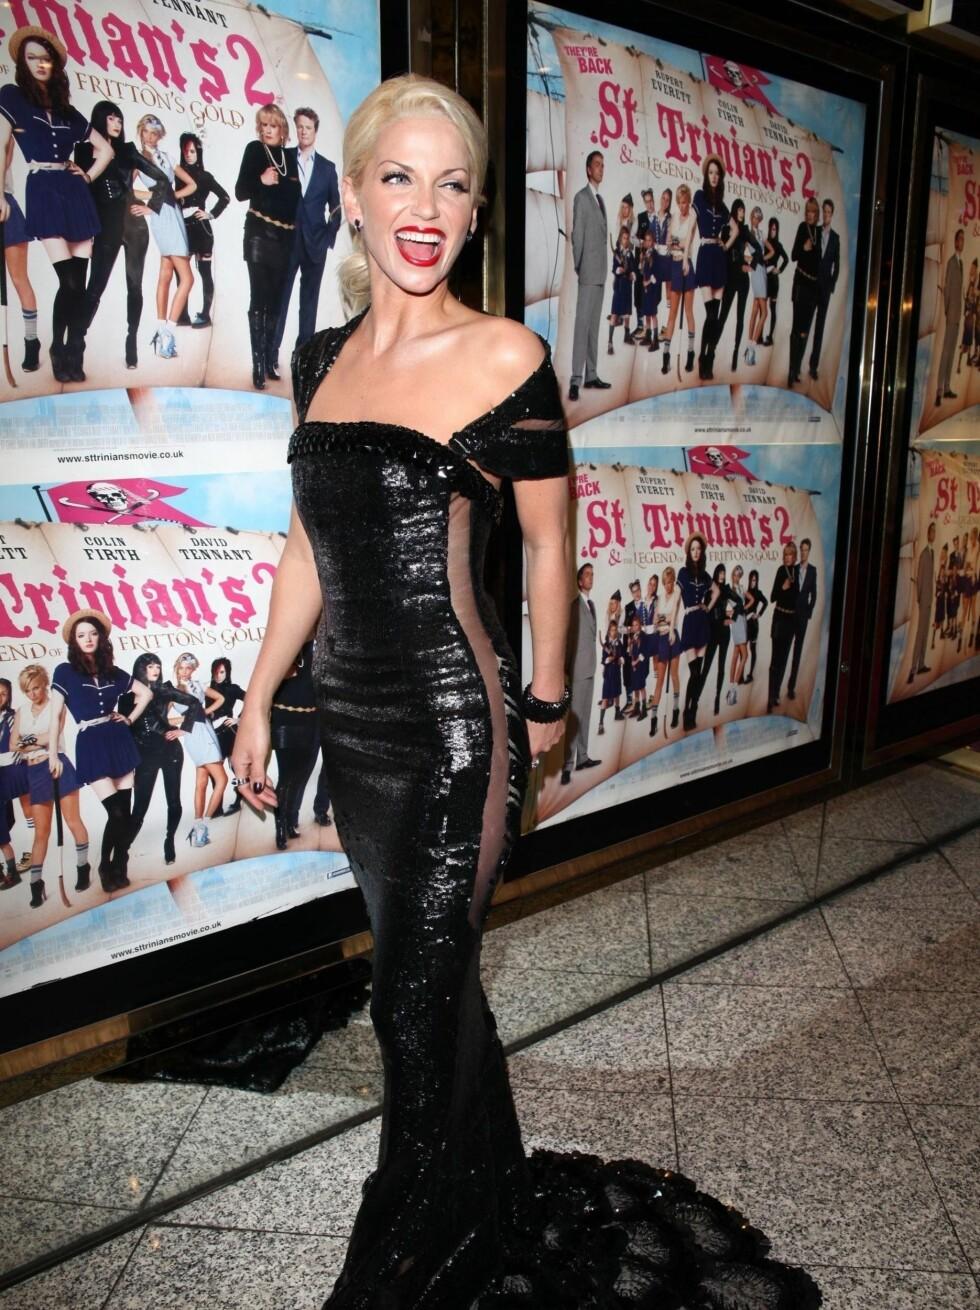 GJENNOMSIKTIG: Sangerinnens kjole var gjennomsiktig både foran og bak. Foto: Stella Pictures